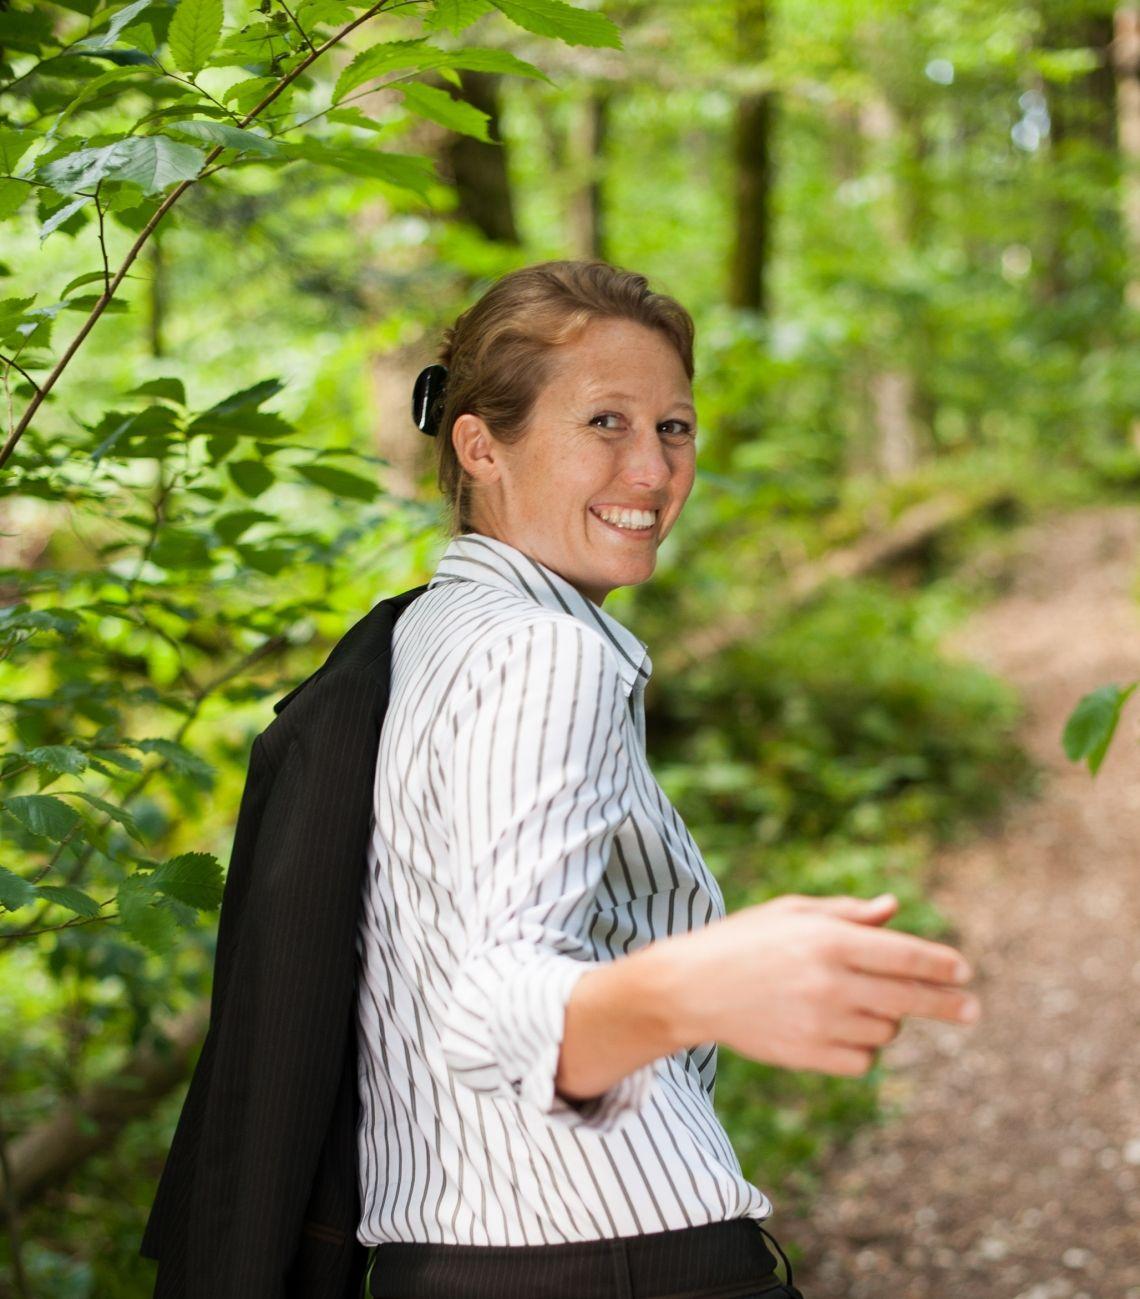 """Ehrenamtliche Vortragsreihe """"Neue Perspektiven"""" am 17. Februar im Europa-Park: Sonja Zitzmann und Burghard Pieske über die Abenteuer des Lebens"""